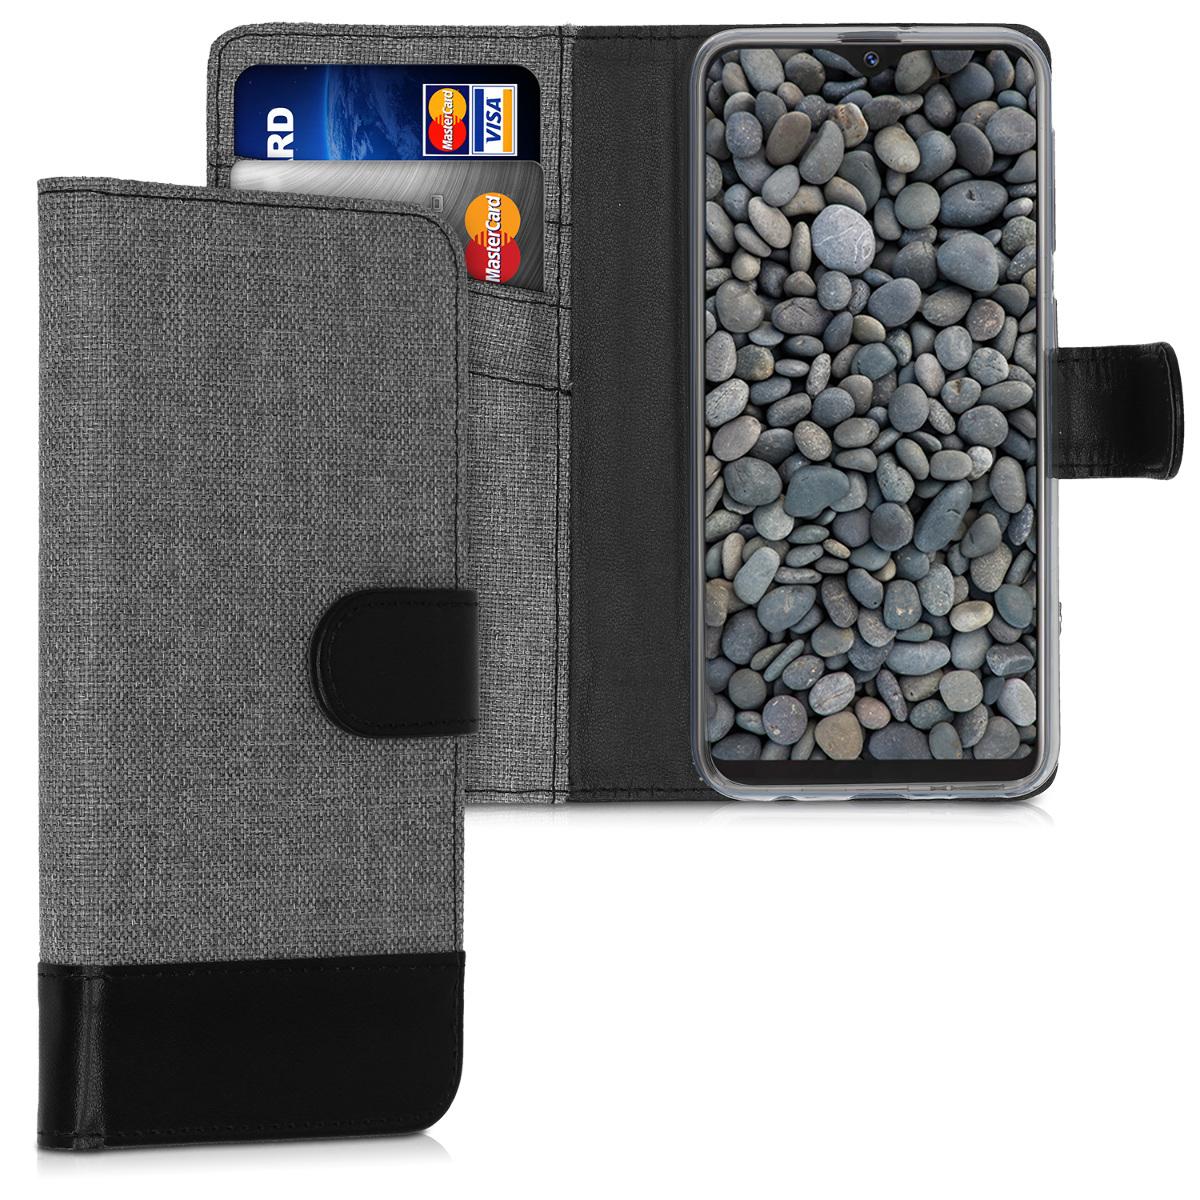 Fabricpouzdro pro Samsung A10e - šedé / černé